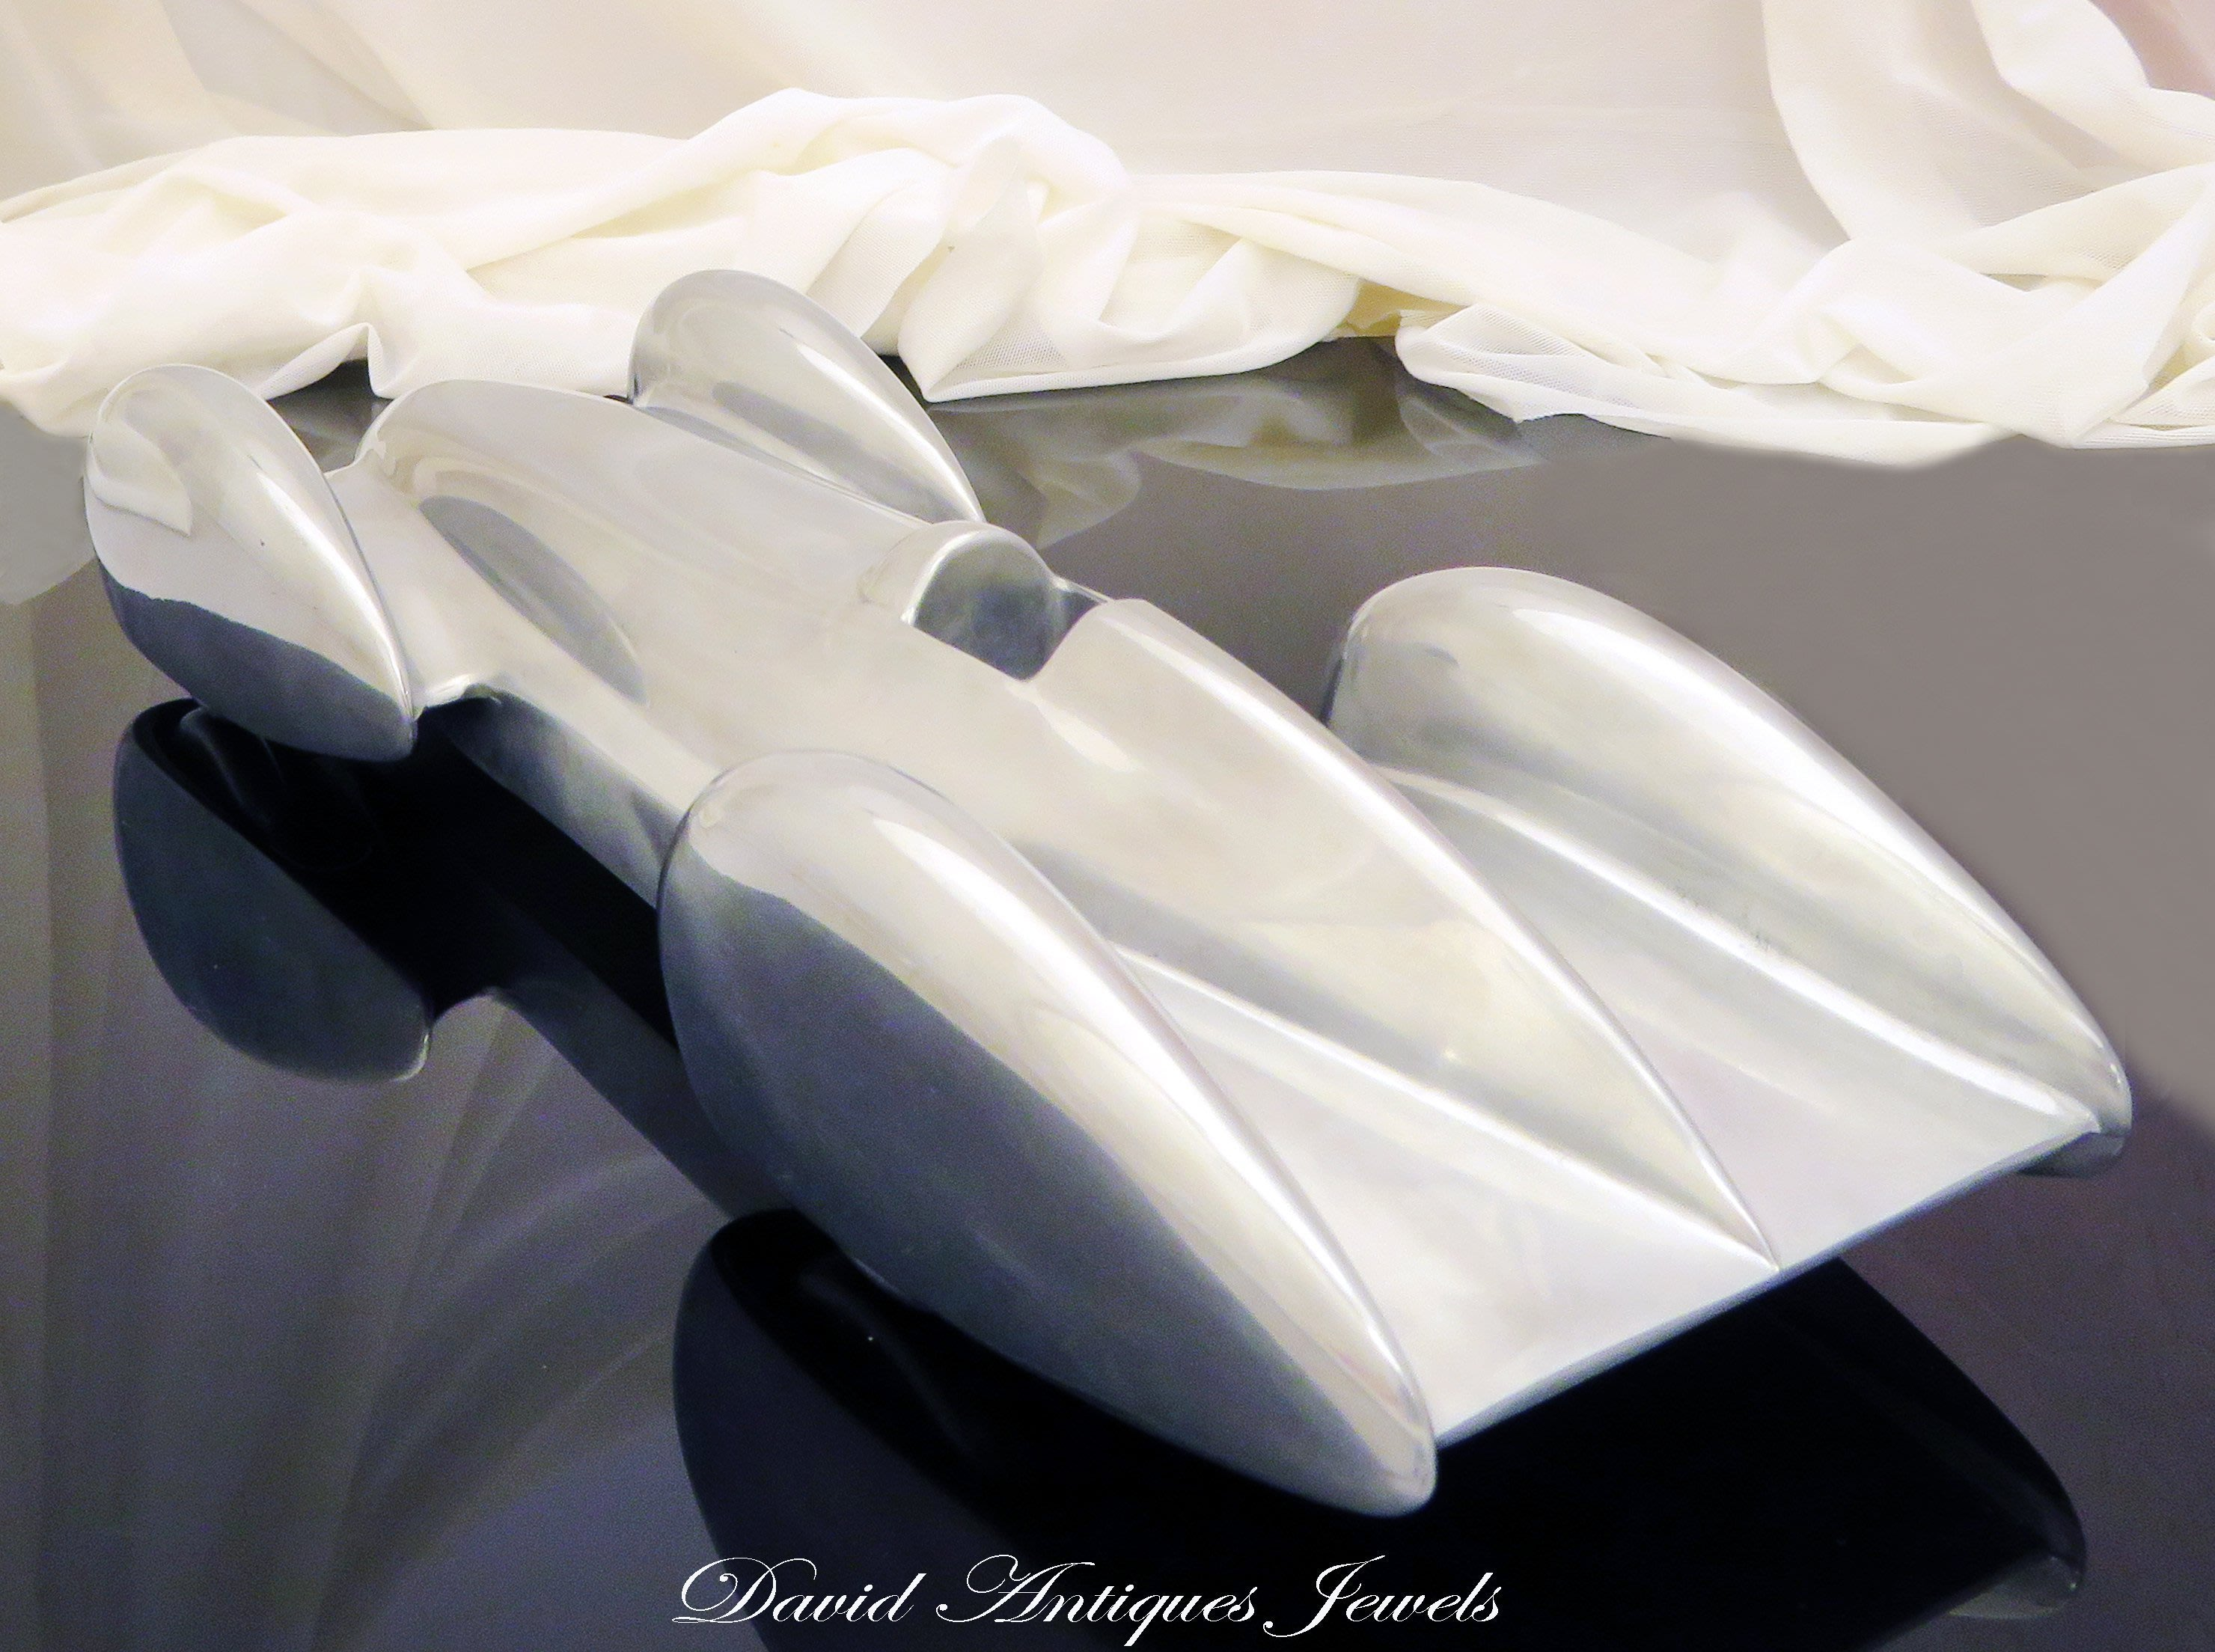 ((天堂鳥)) 新品刊登 HOT!!前衛歐洲未來概念車模型